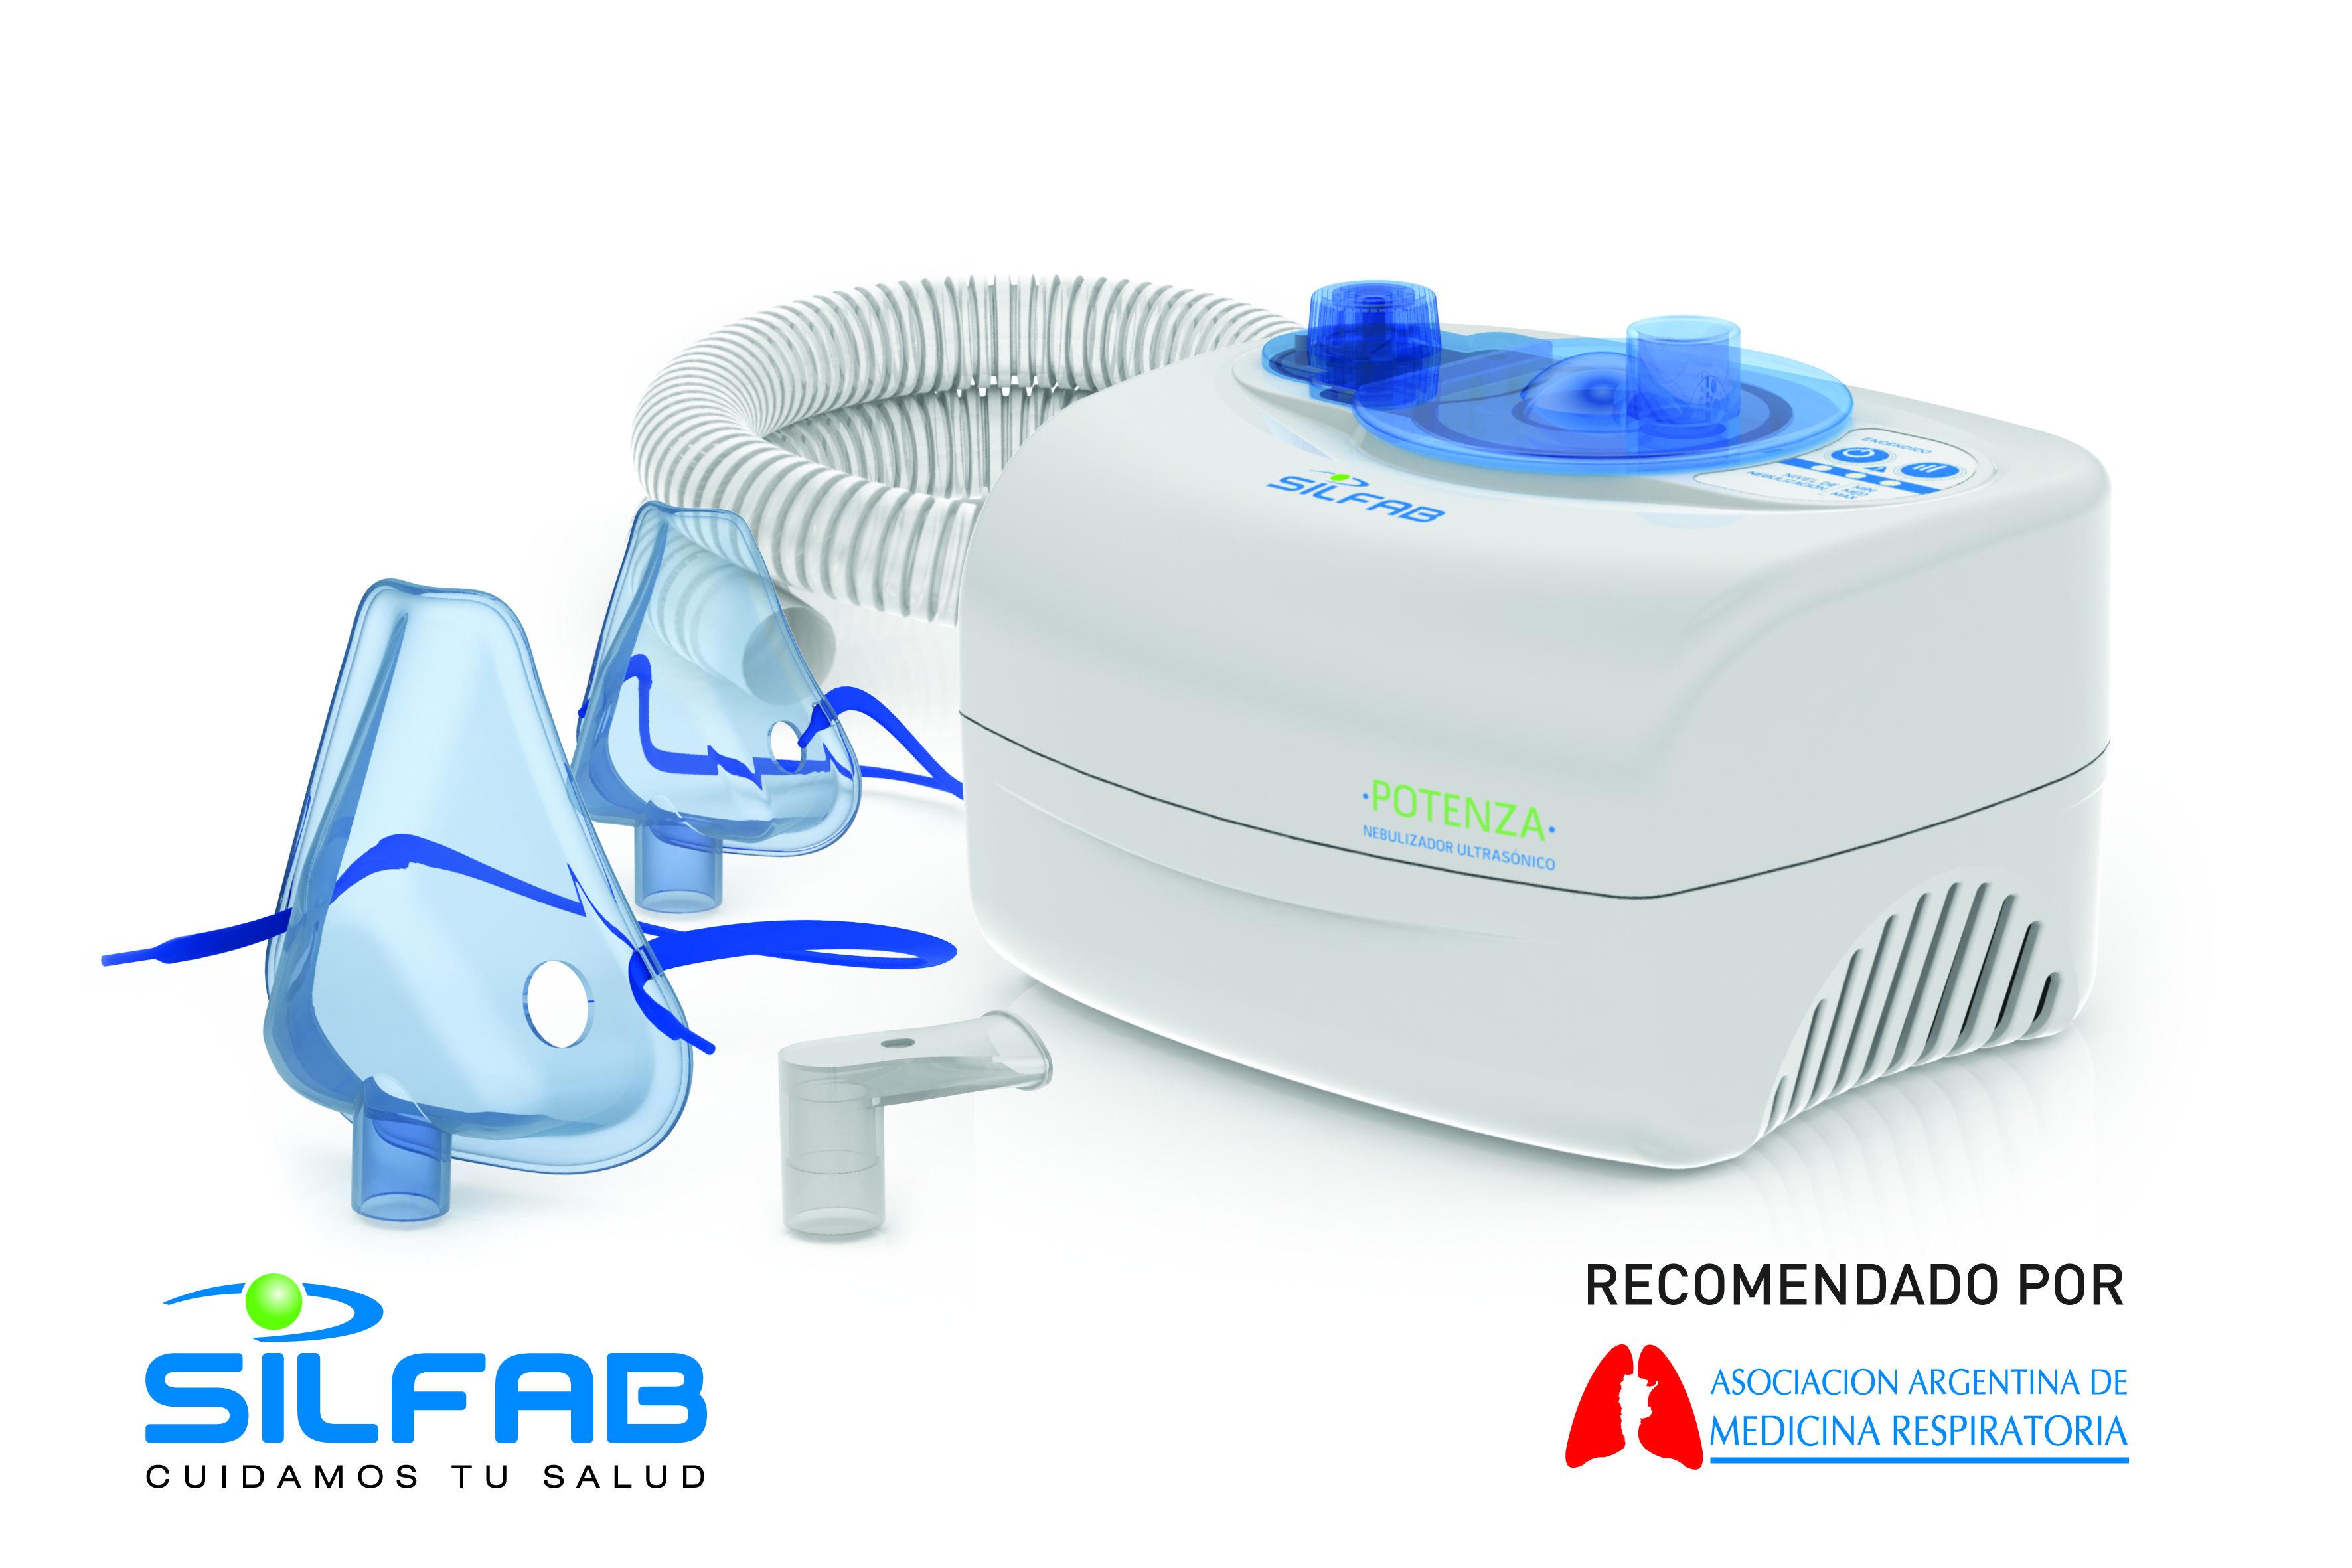 Nebulizador Ultrasonico Potenza N68 Tratamiento Medico